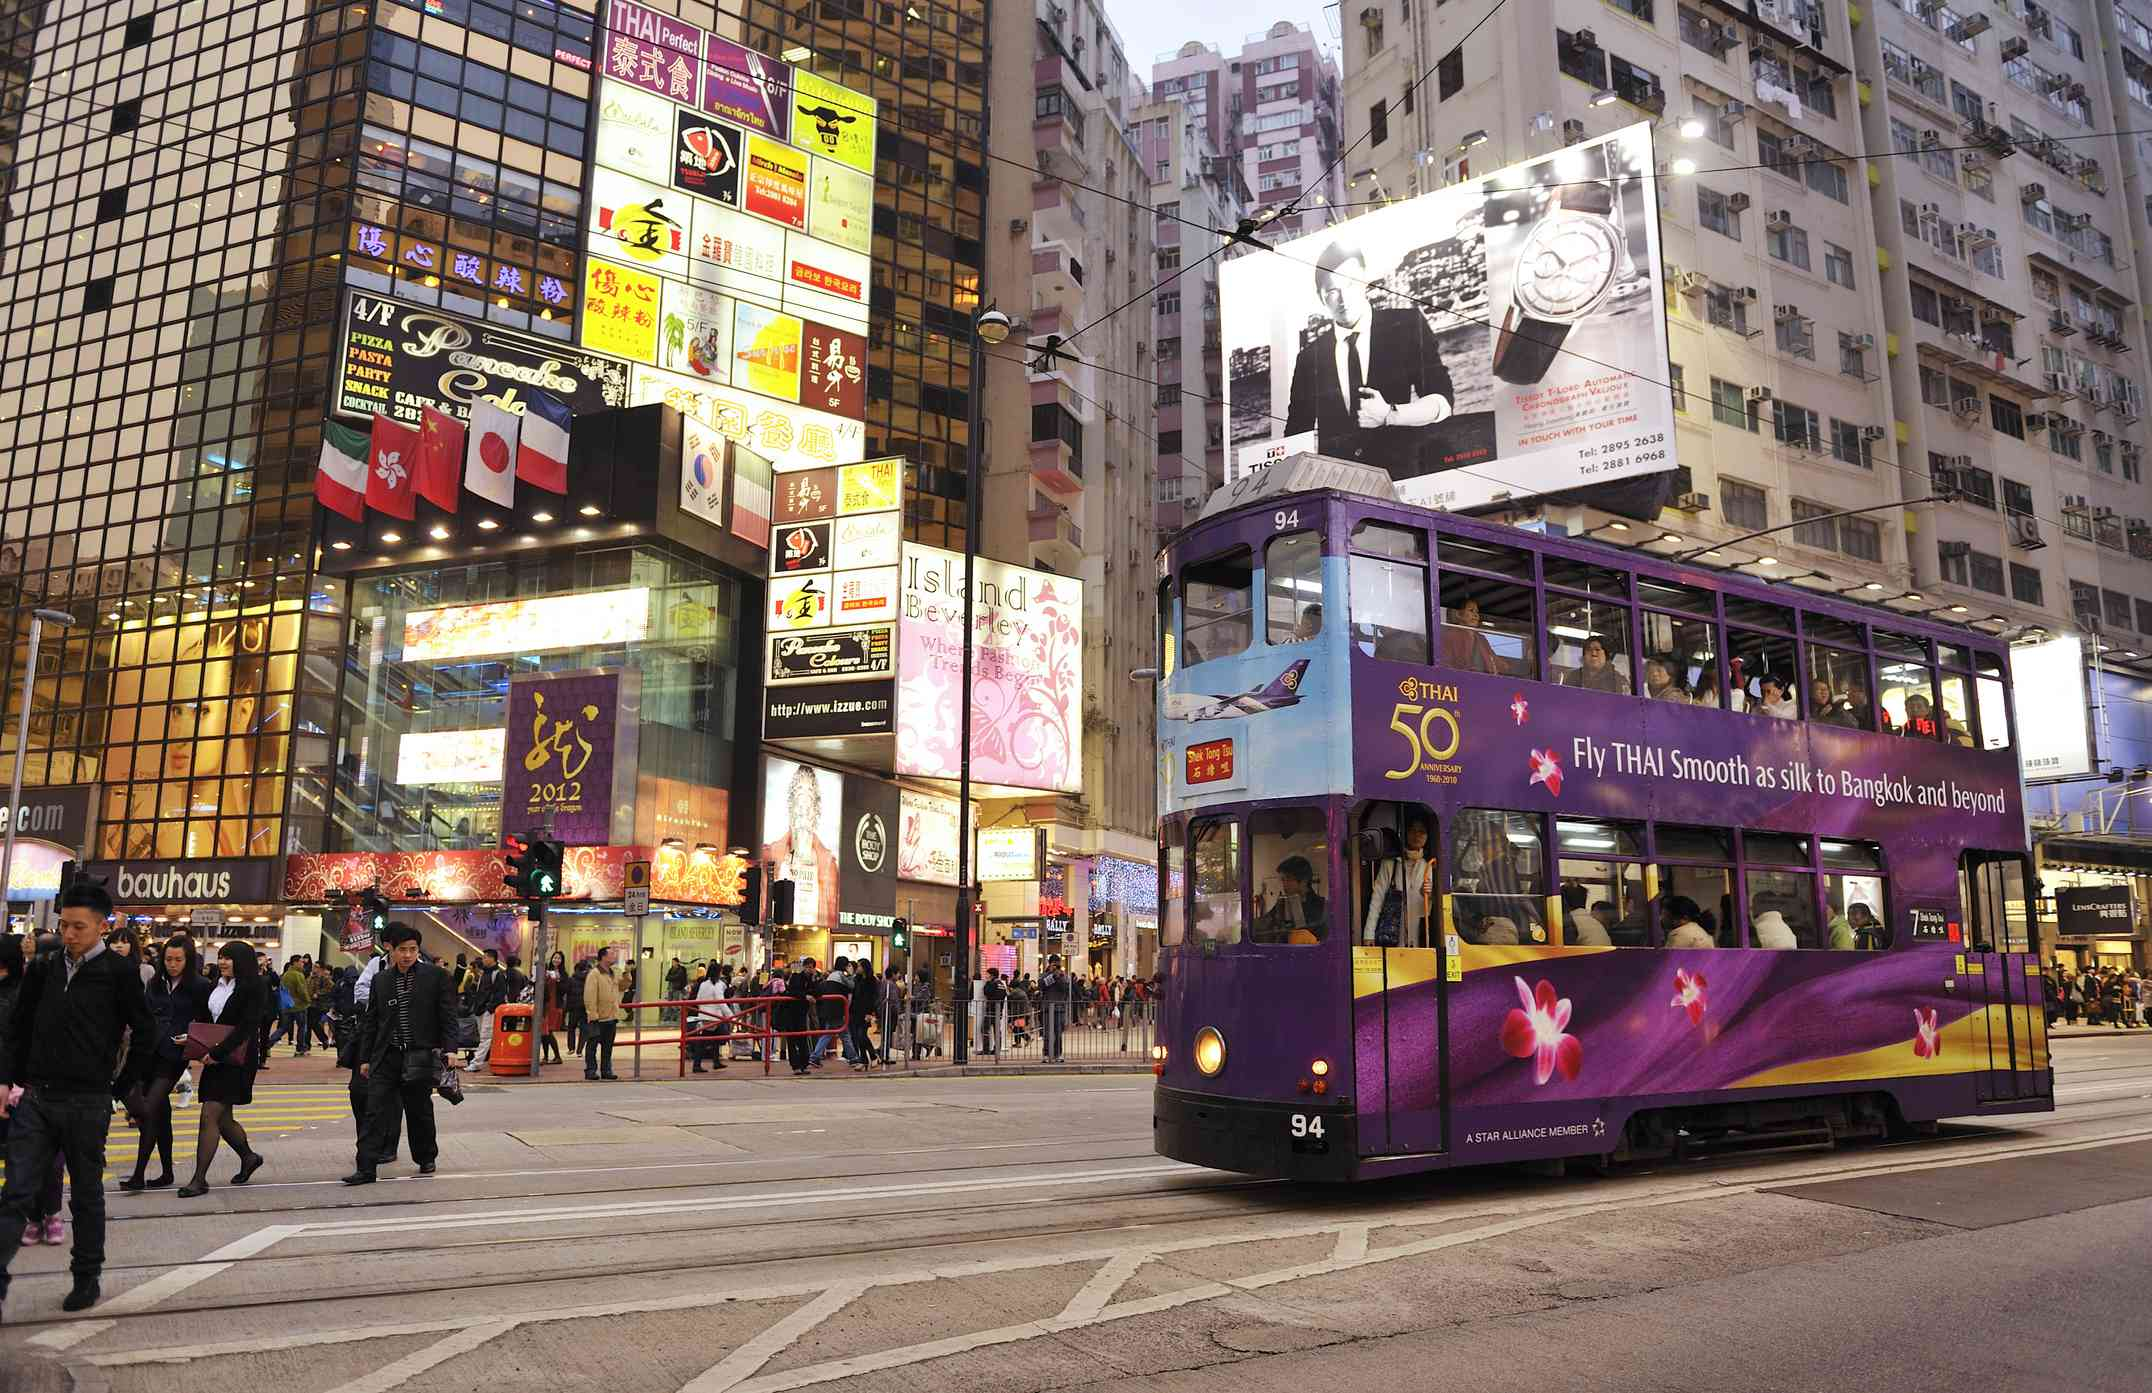 Tram at Causeway Bay.